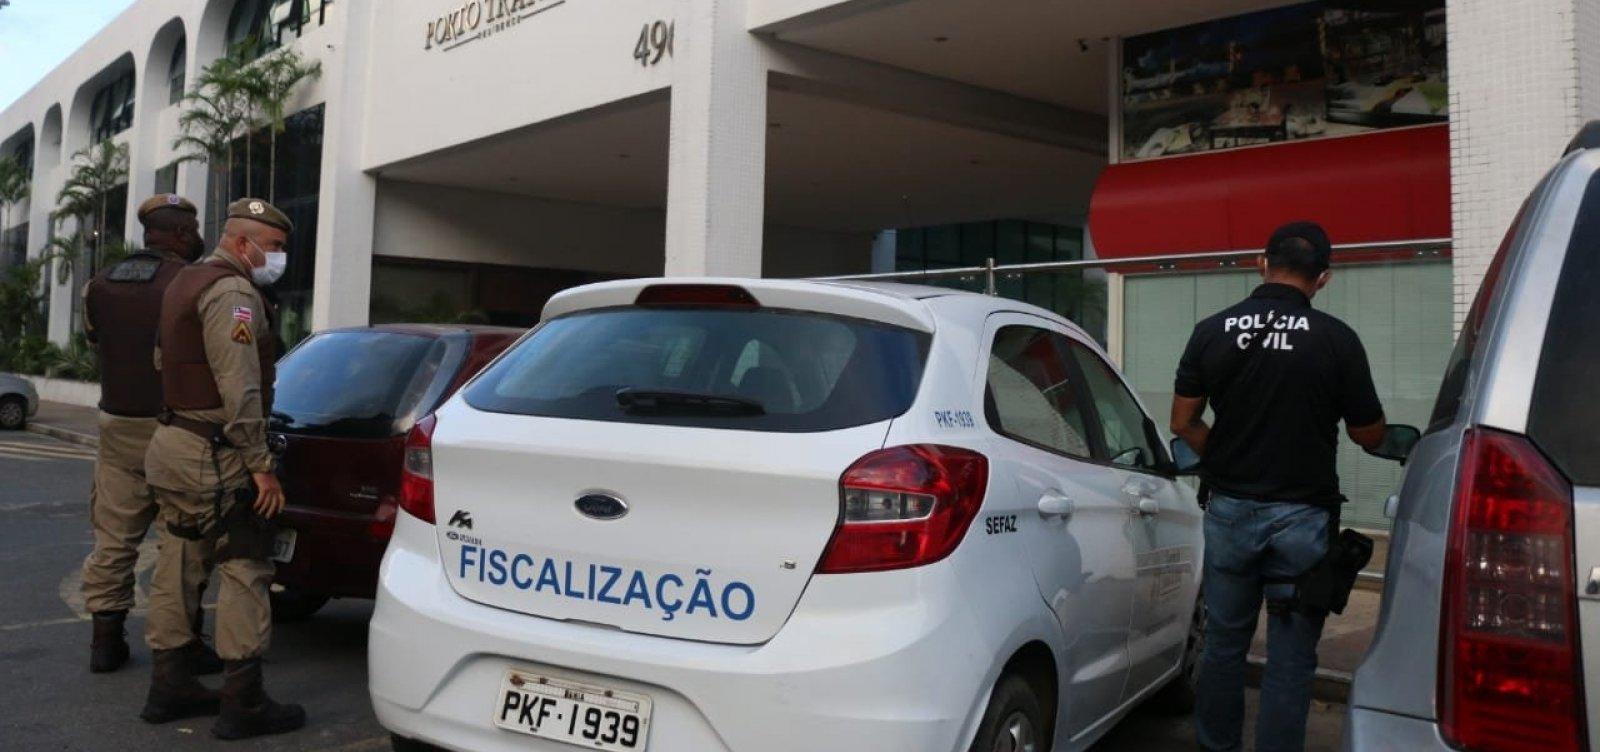 [Polícia Civil da Bahia cumpre 8 mandados de prisão contra organização criminosa que movimentou R$ 75 milhões]